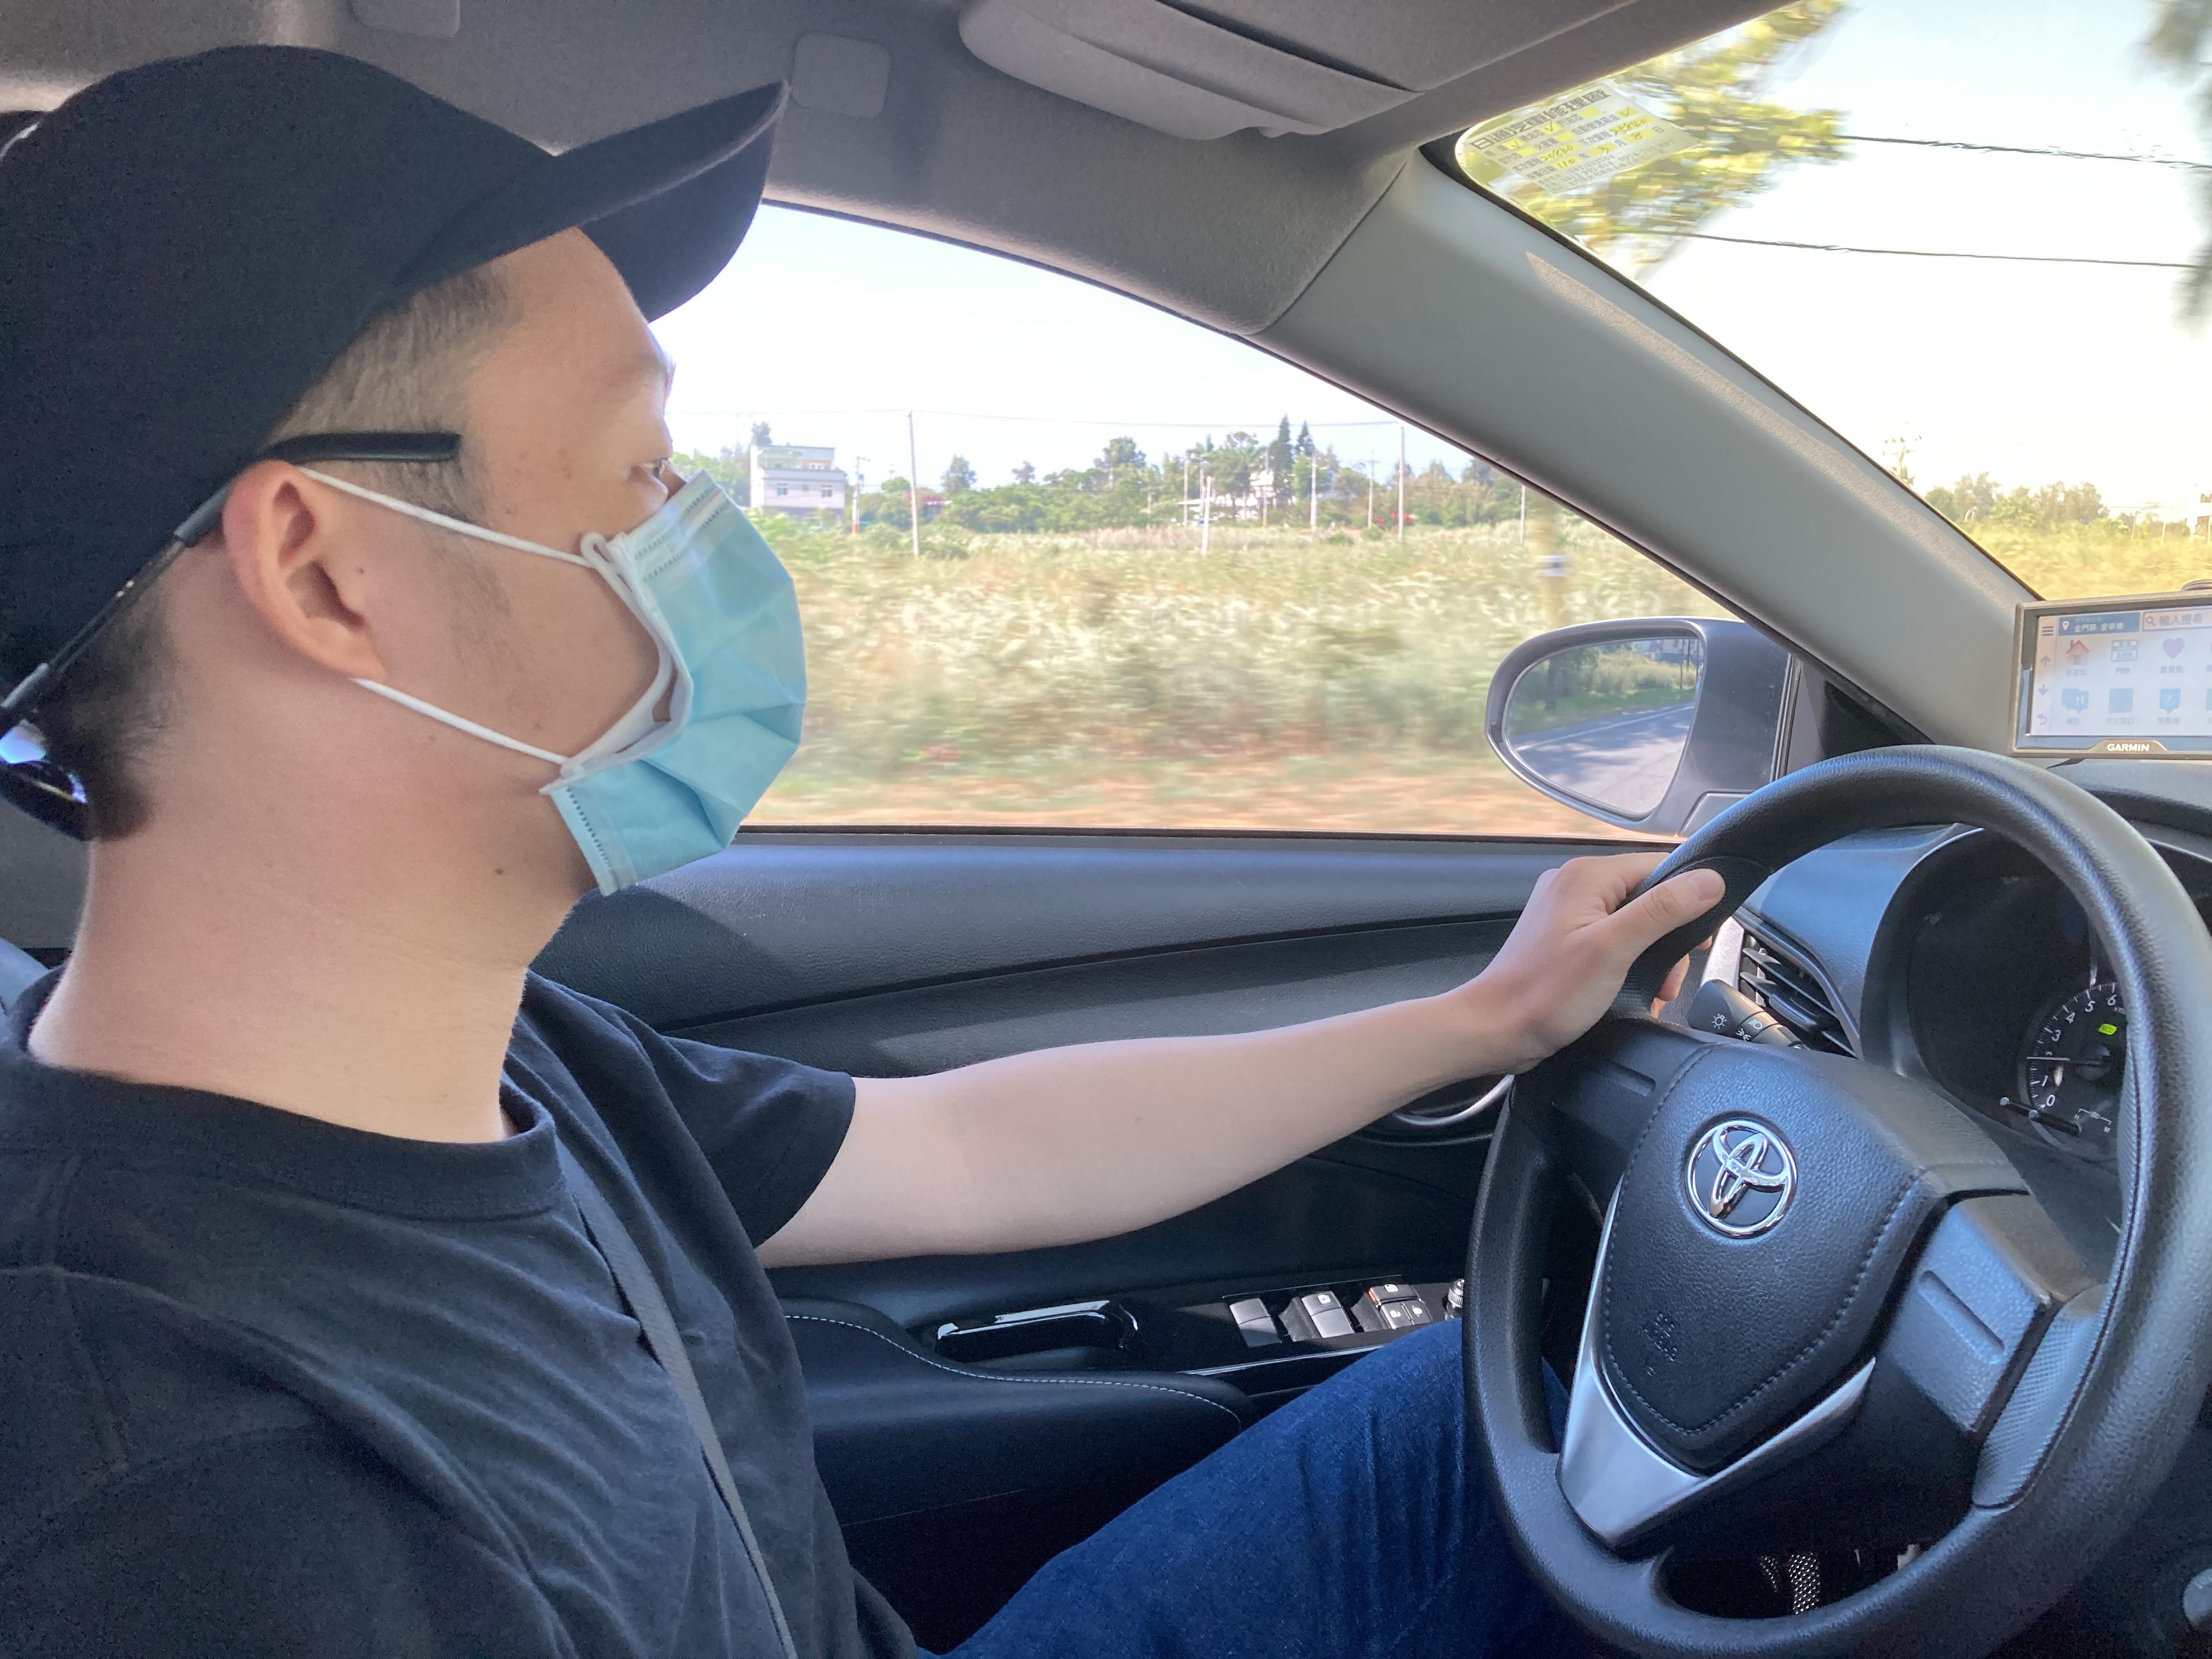 (圖一:花田開車帶我們去他在 Google Map 上標註的海灘/攝影:宗洧)